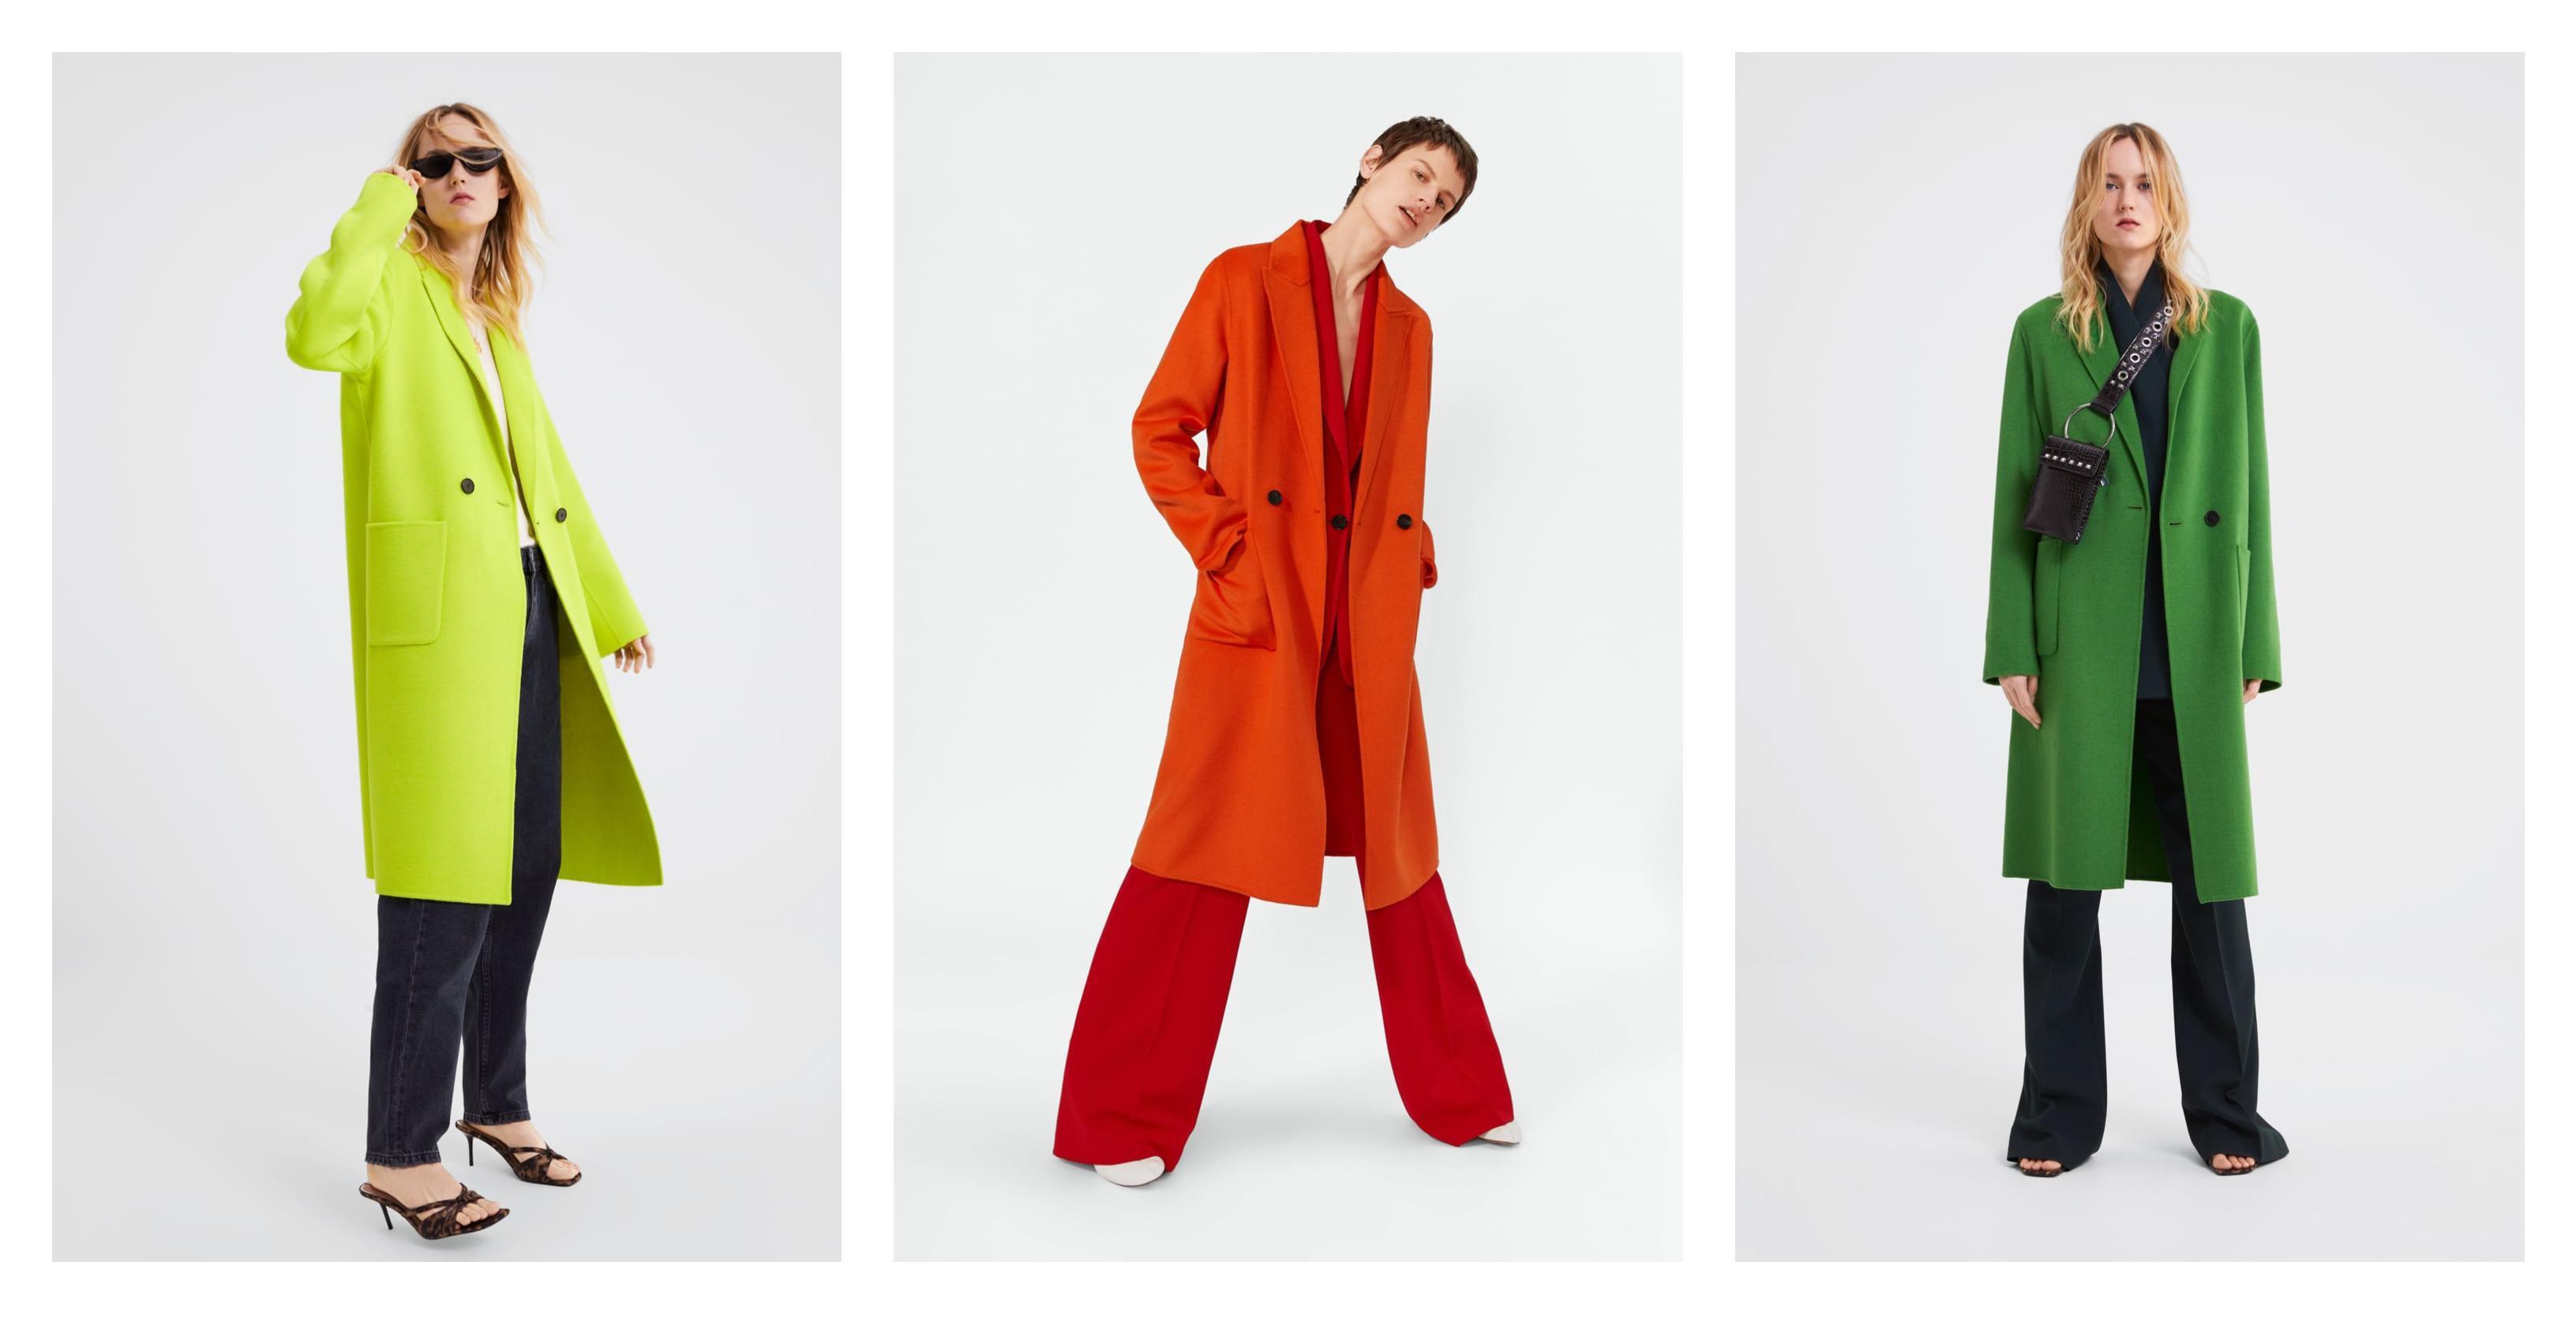 U Zari su se pojavili fantastični kaputi u jarkim bojama, a mi ih u kolekciji želimo baš sve!